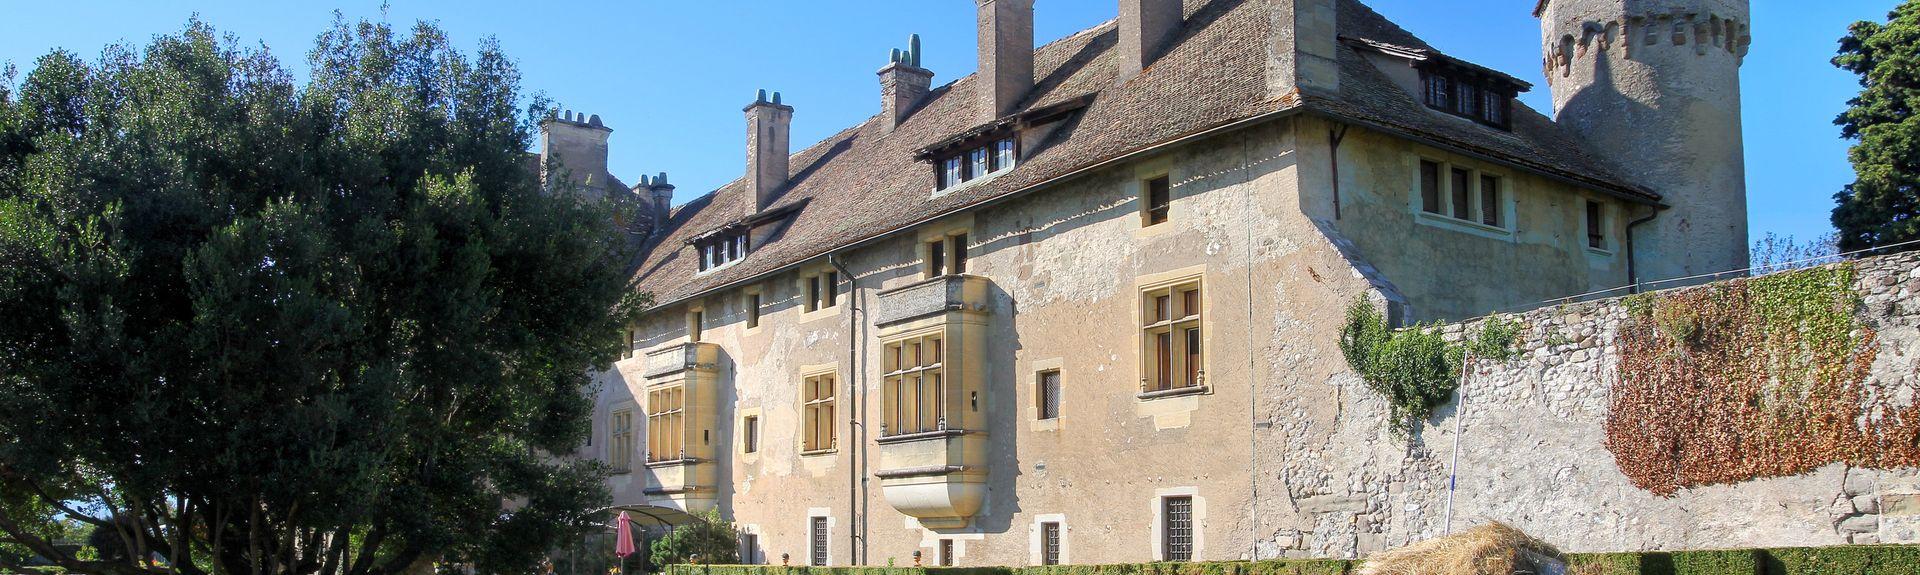 Thonon-les-Bains, Haute-Savoie (departement), Frankrig